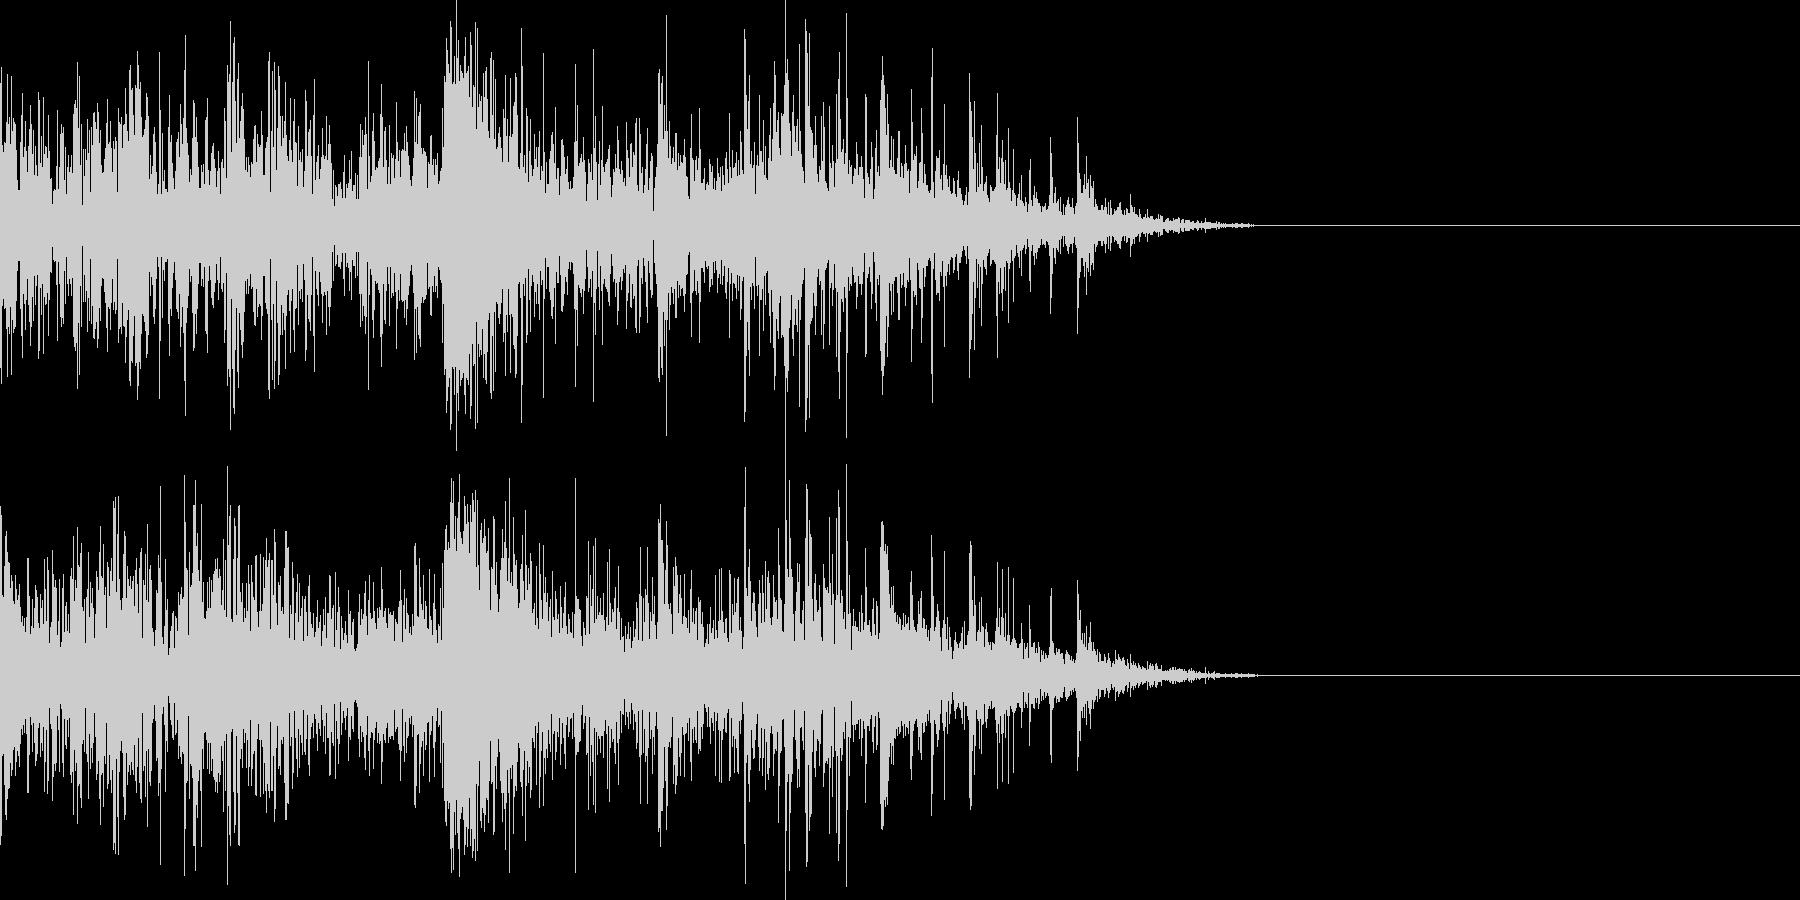 ドンパァ〜花火の本当にリアルな効果音11の未再生の波形